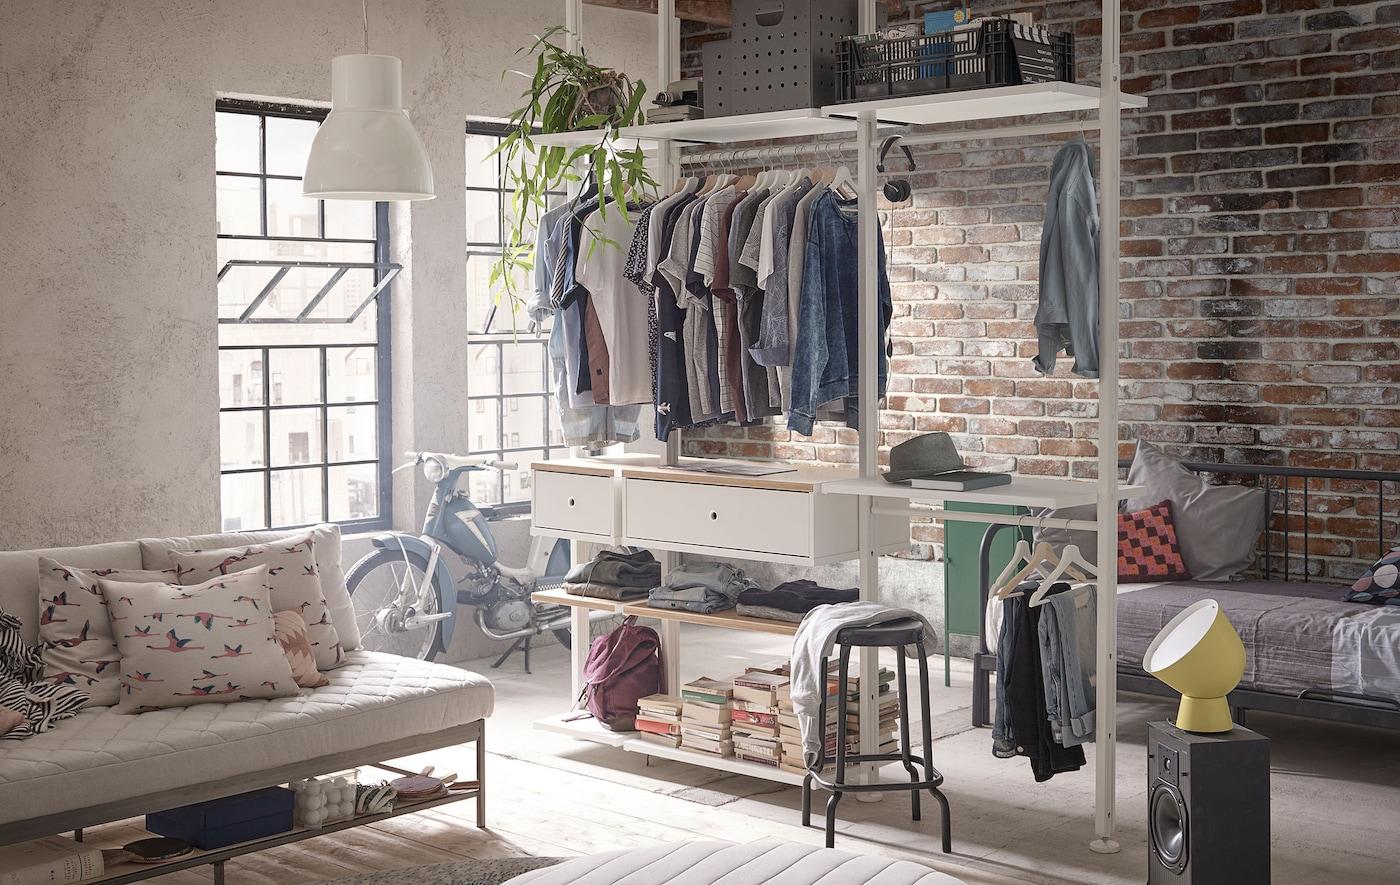 Sistemul de depozitare ELVARLI, plin cu îmbrăcăminte și cărți, într-un apartament situat la mansardă, în nuanțe delicate și cu cărămizi expuse.